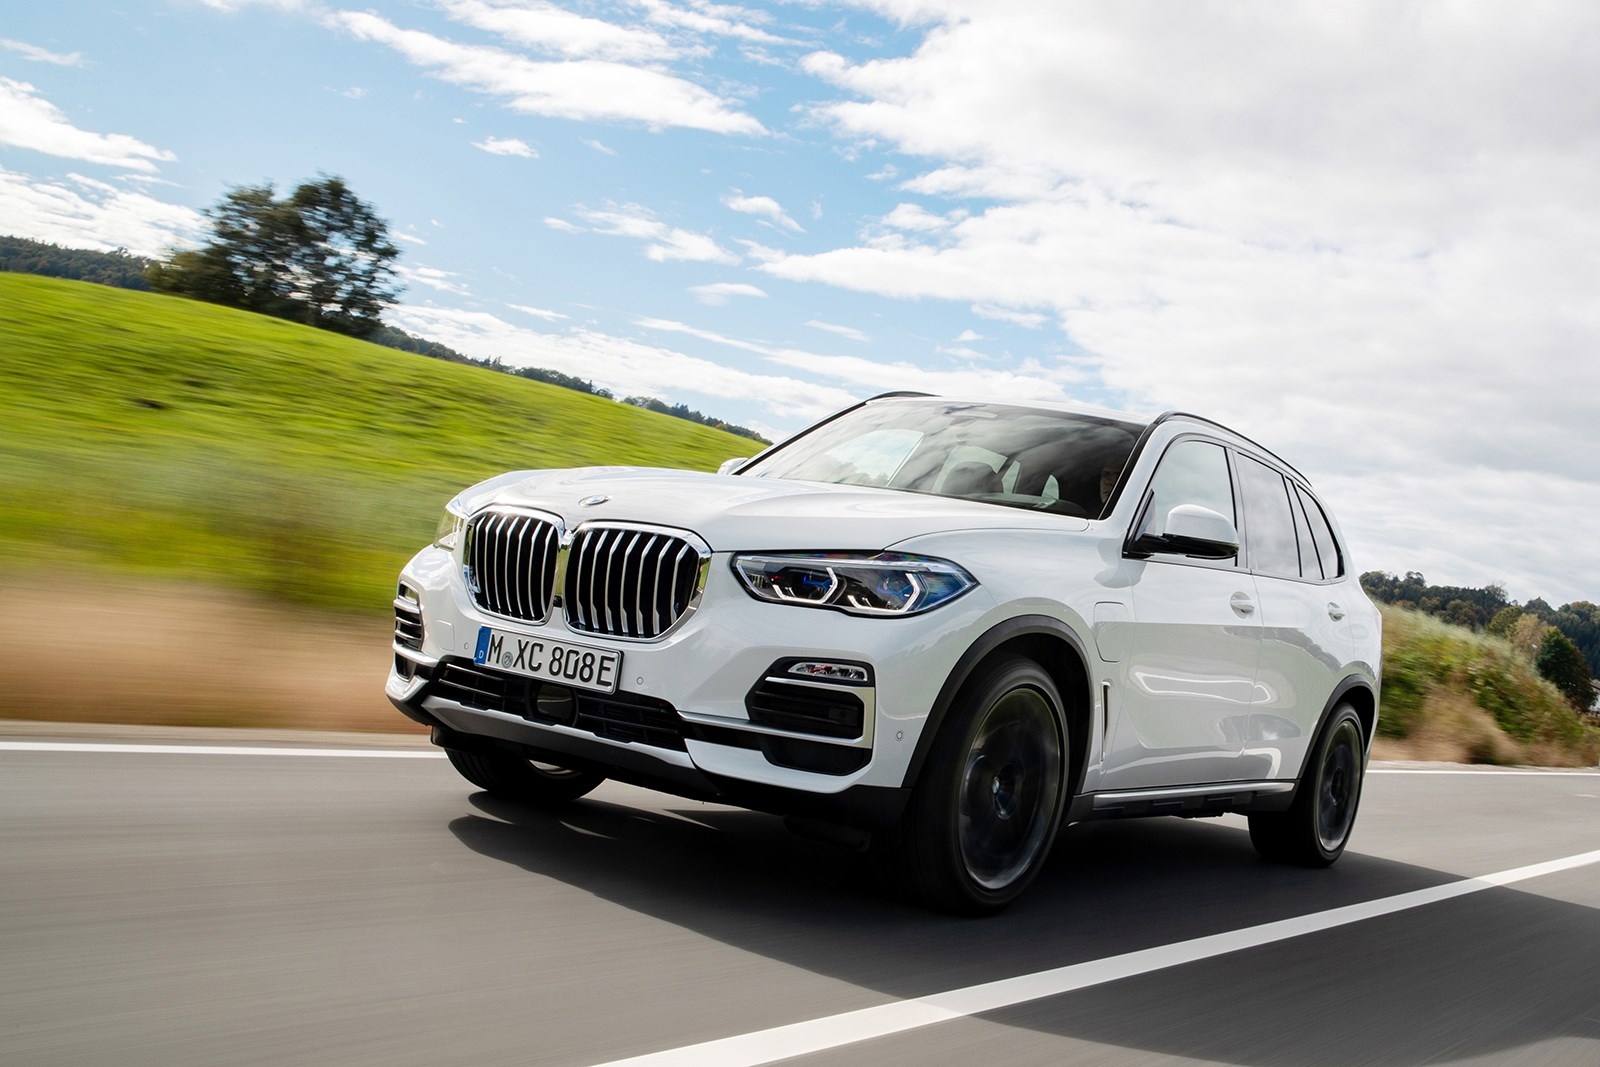 BMWジャパン、X5/X6/X7のディーゼル車を48Vマイルドハイブリッド化